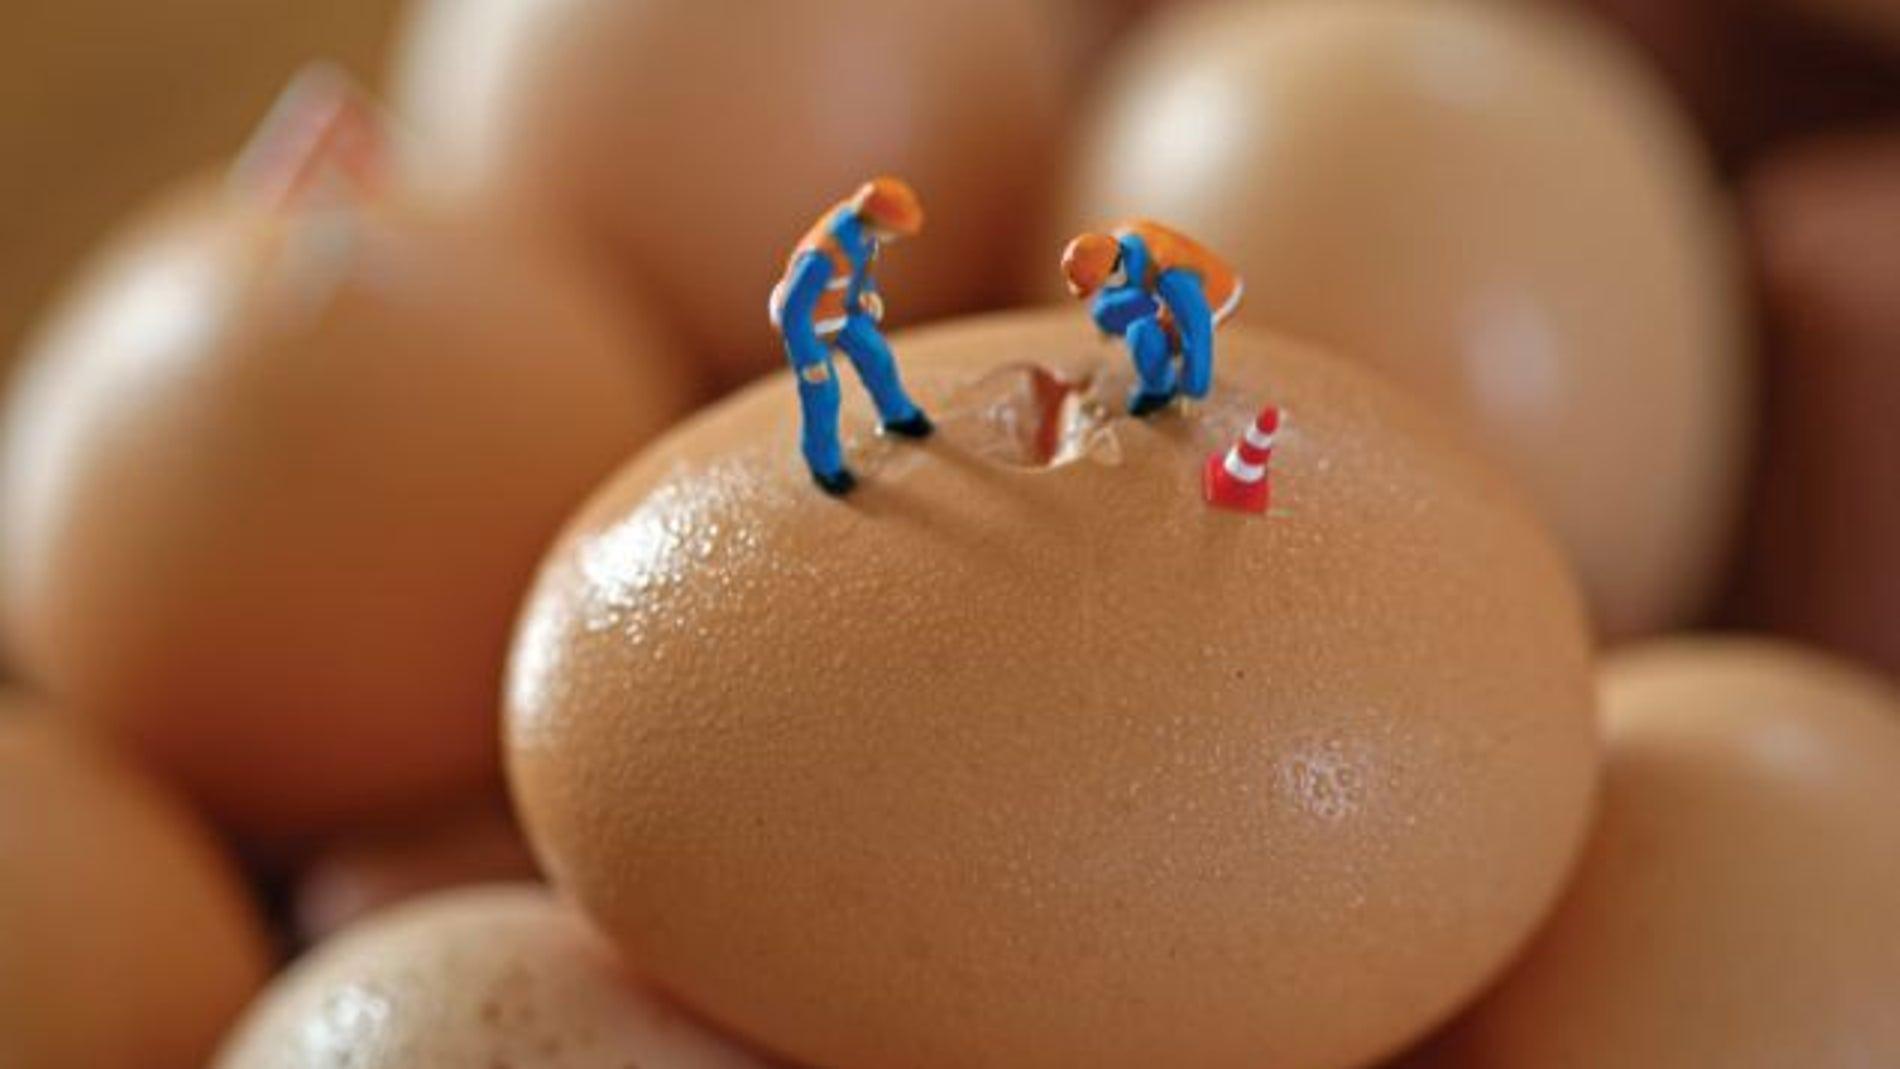 Grieta en la cáscara de huevo